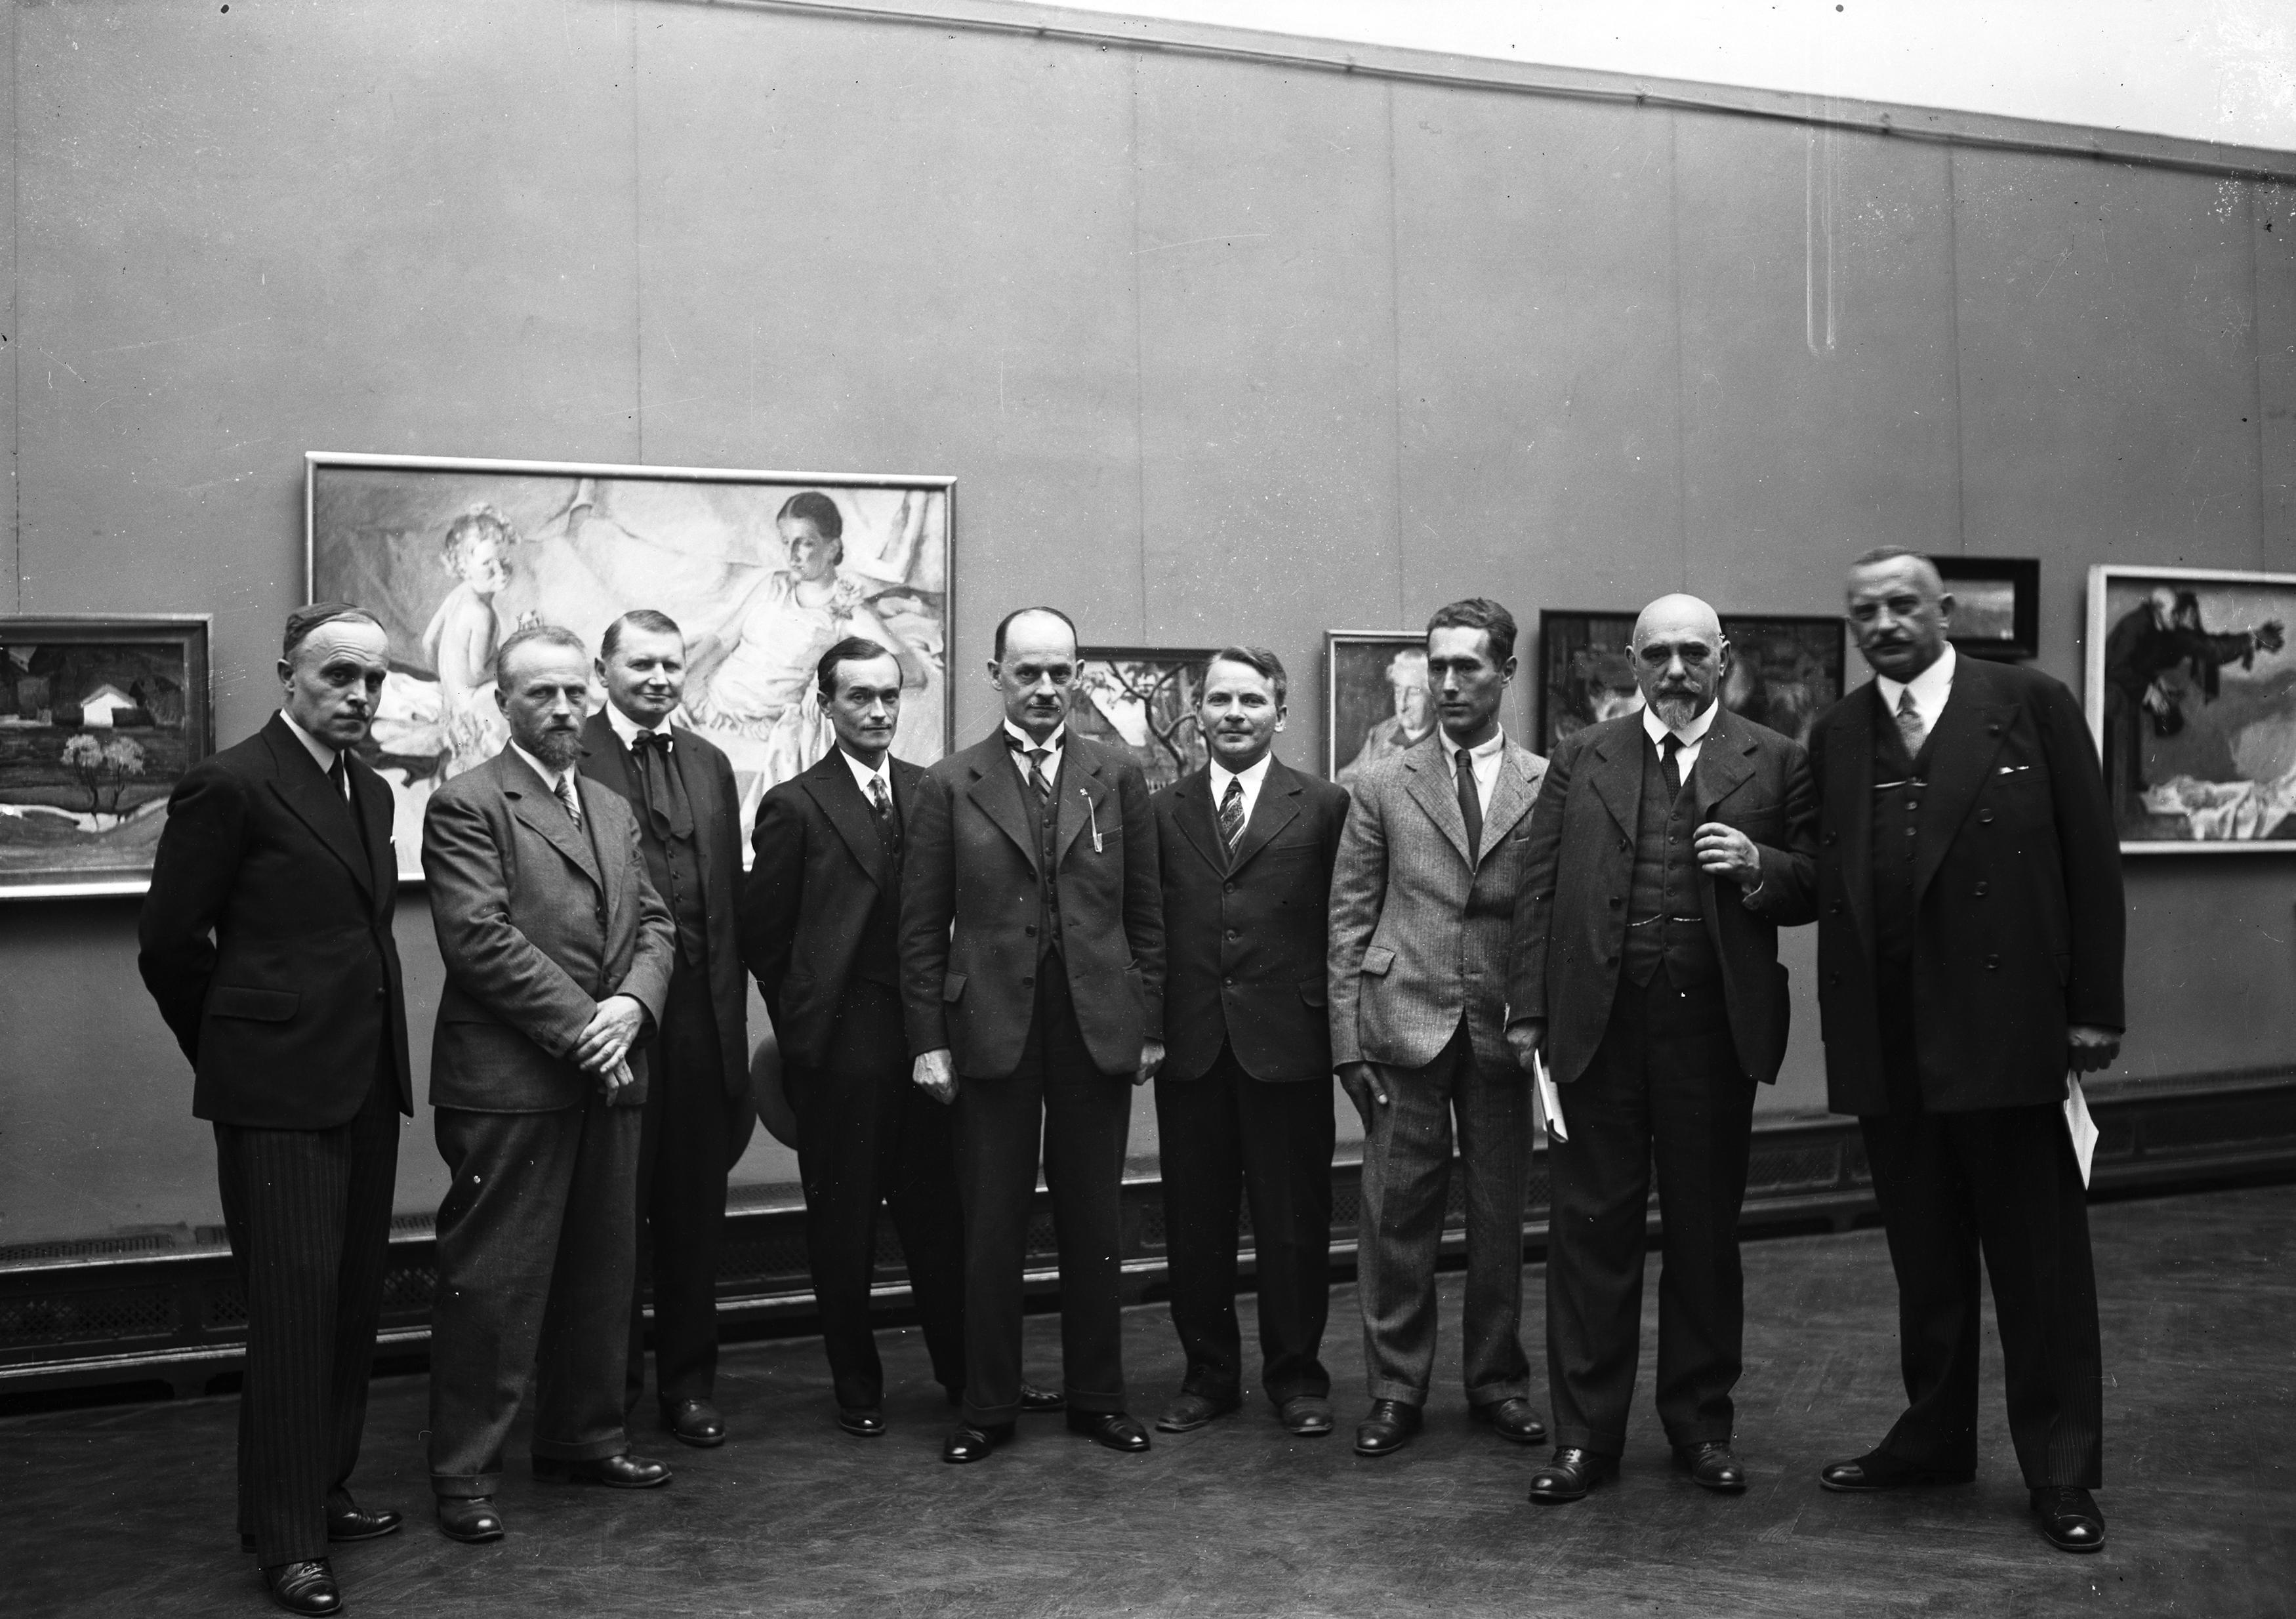 Soter Jaxa-Małachowski (trzeci z lewej) na otwarciu wystawy zbiorowej w Pałacu Sztuki w Krakowie, 1932 rok, źródło: Narodowe Archiwum Cyfrowe